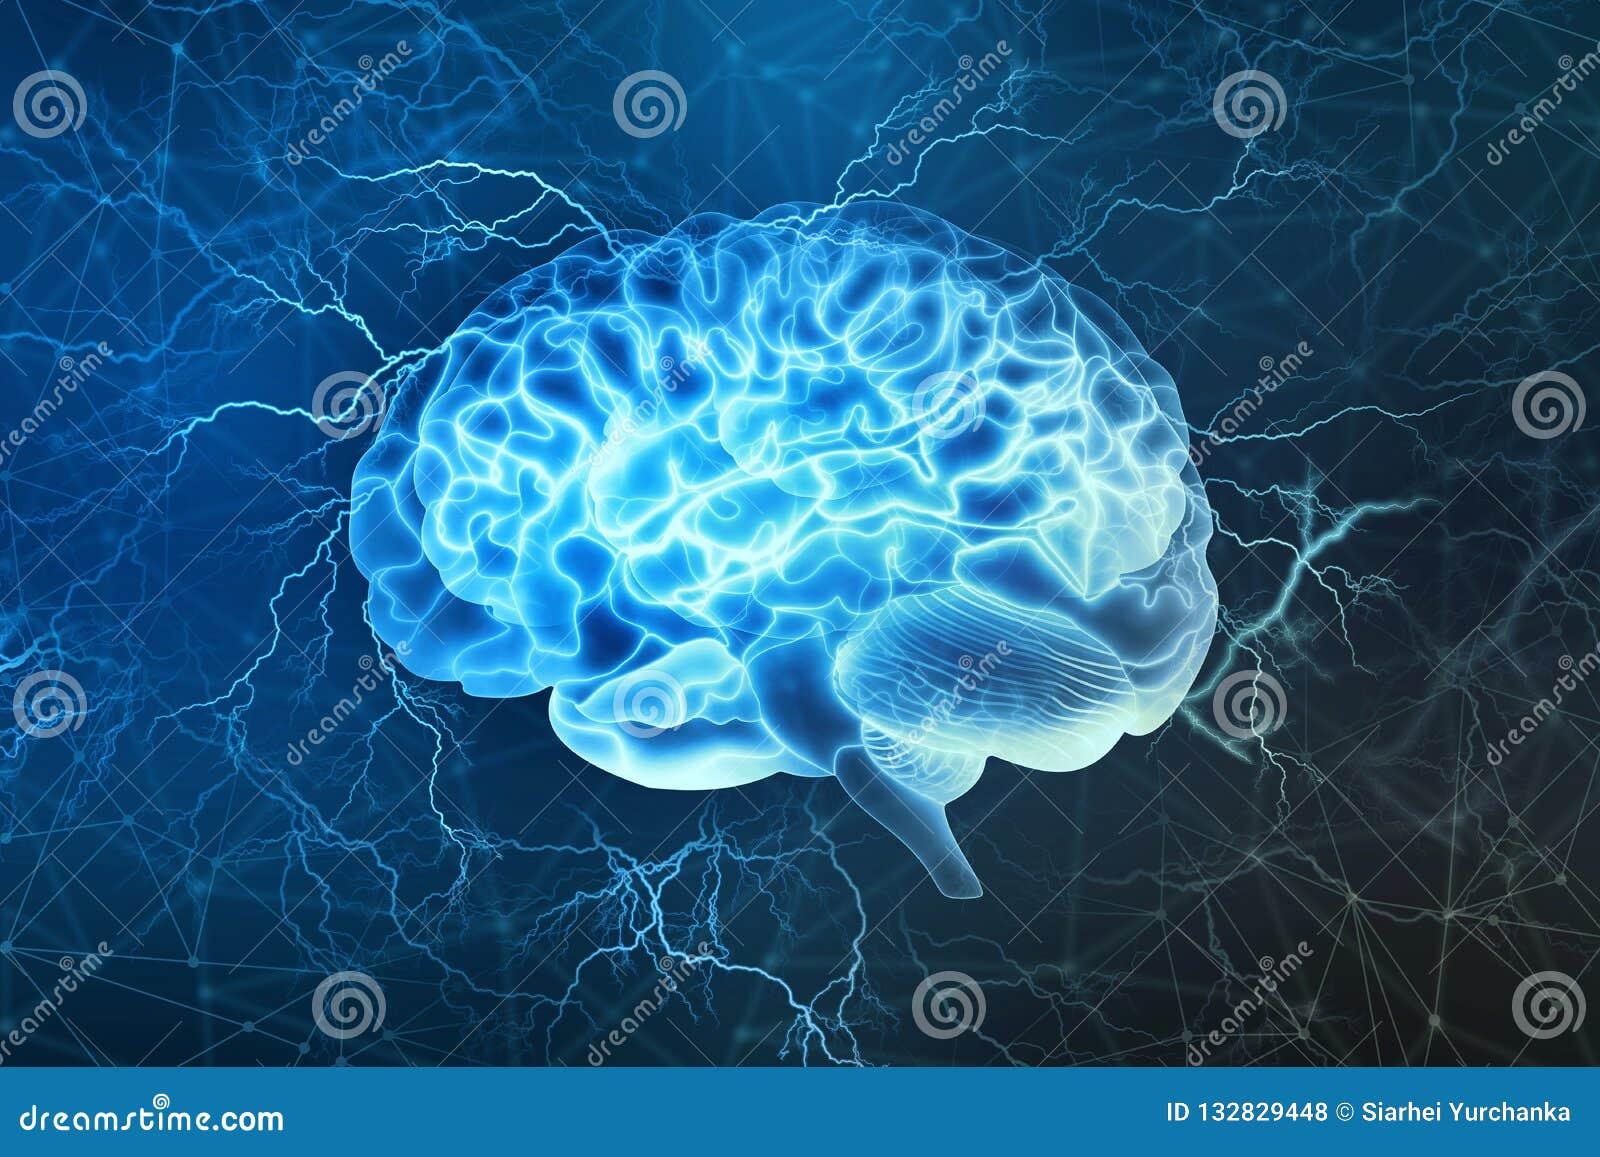 Elektrische Aktivität des menschlichen Gehirns